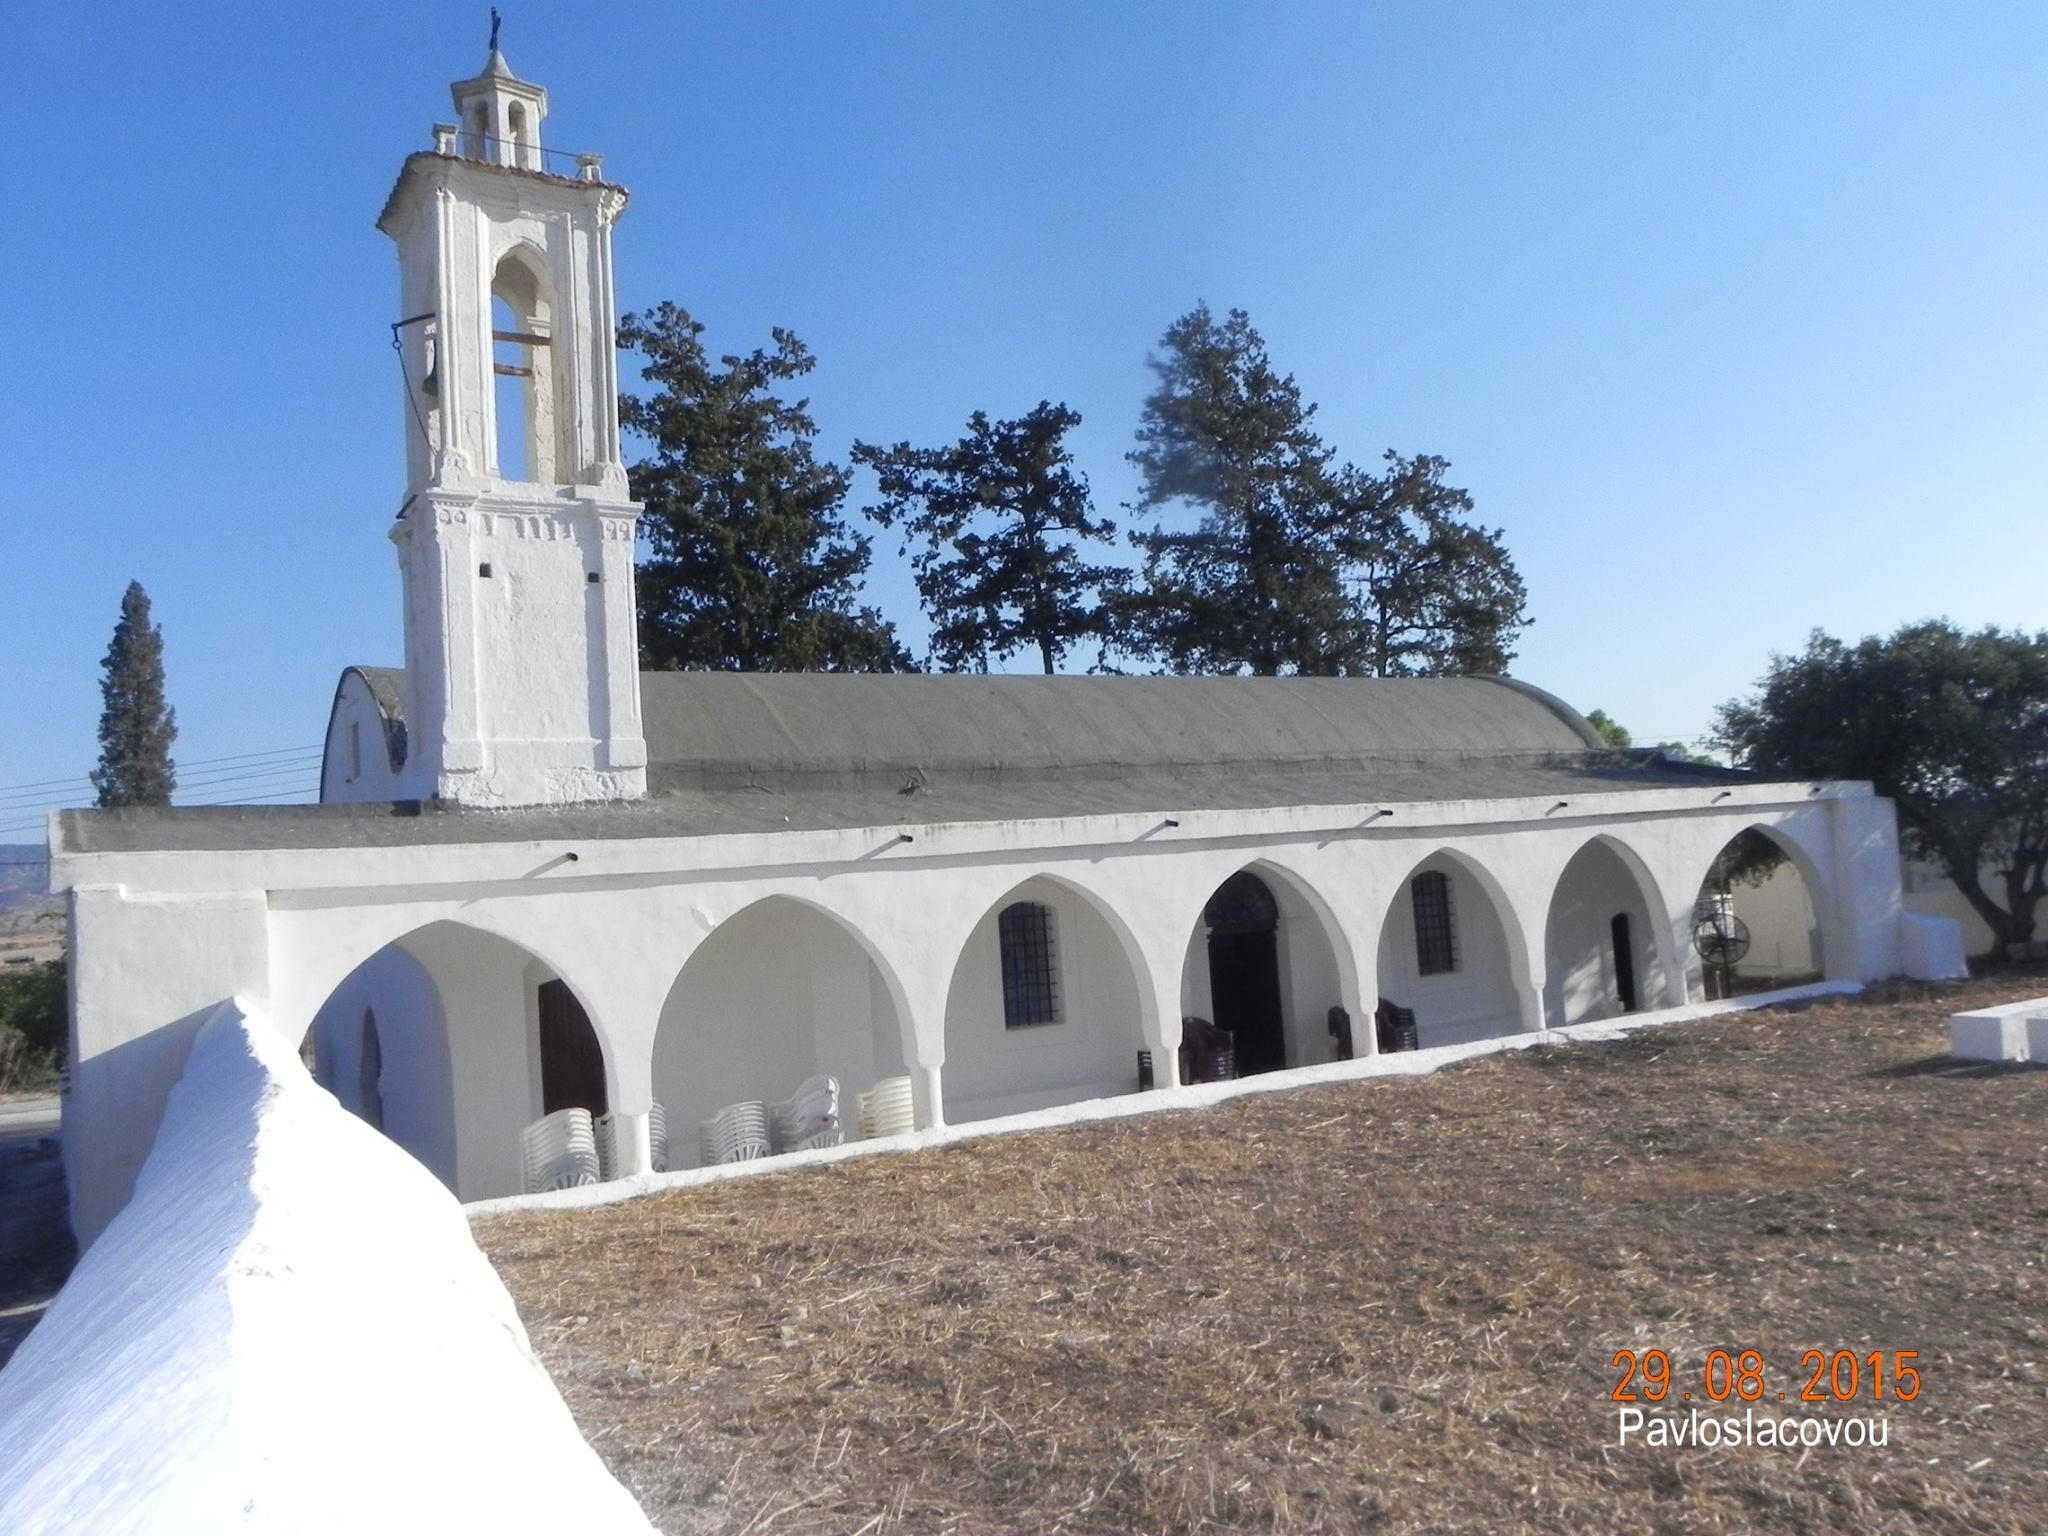 Θεία Λειτουργία στον Ιερό Ναό Τιμίου Προδρόμου στην κατεχόμενη Γύψου (25-08-2019)